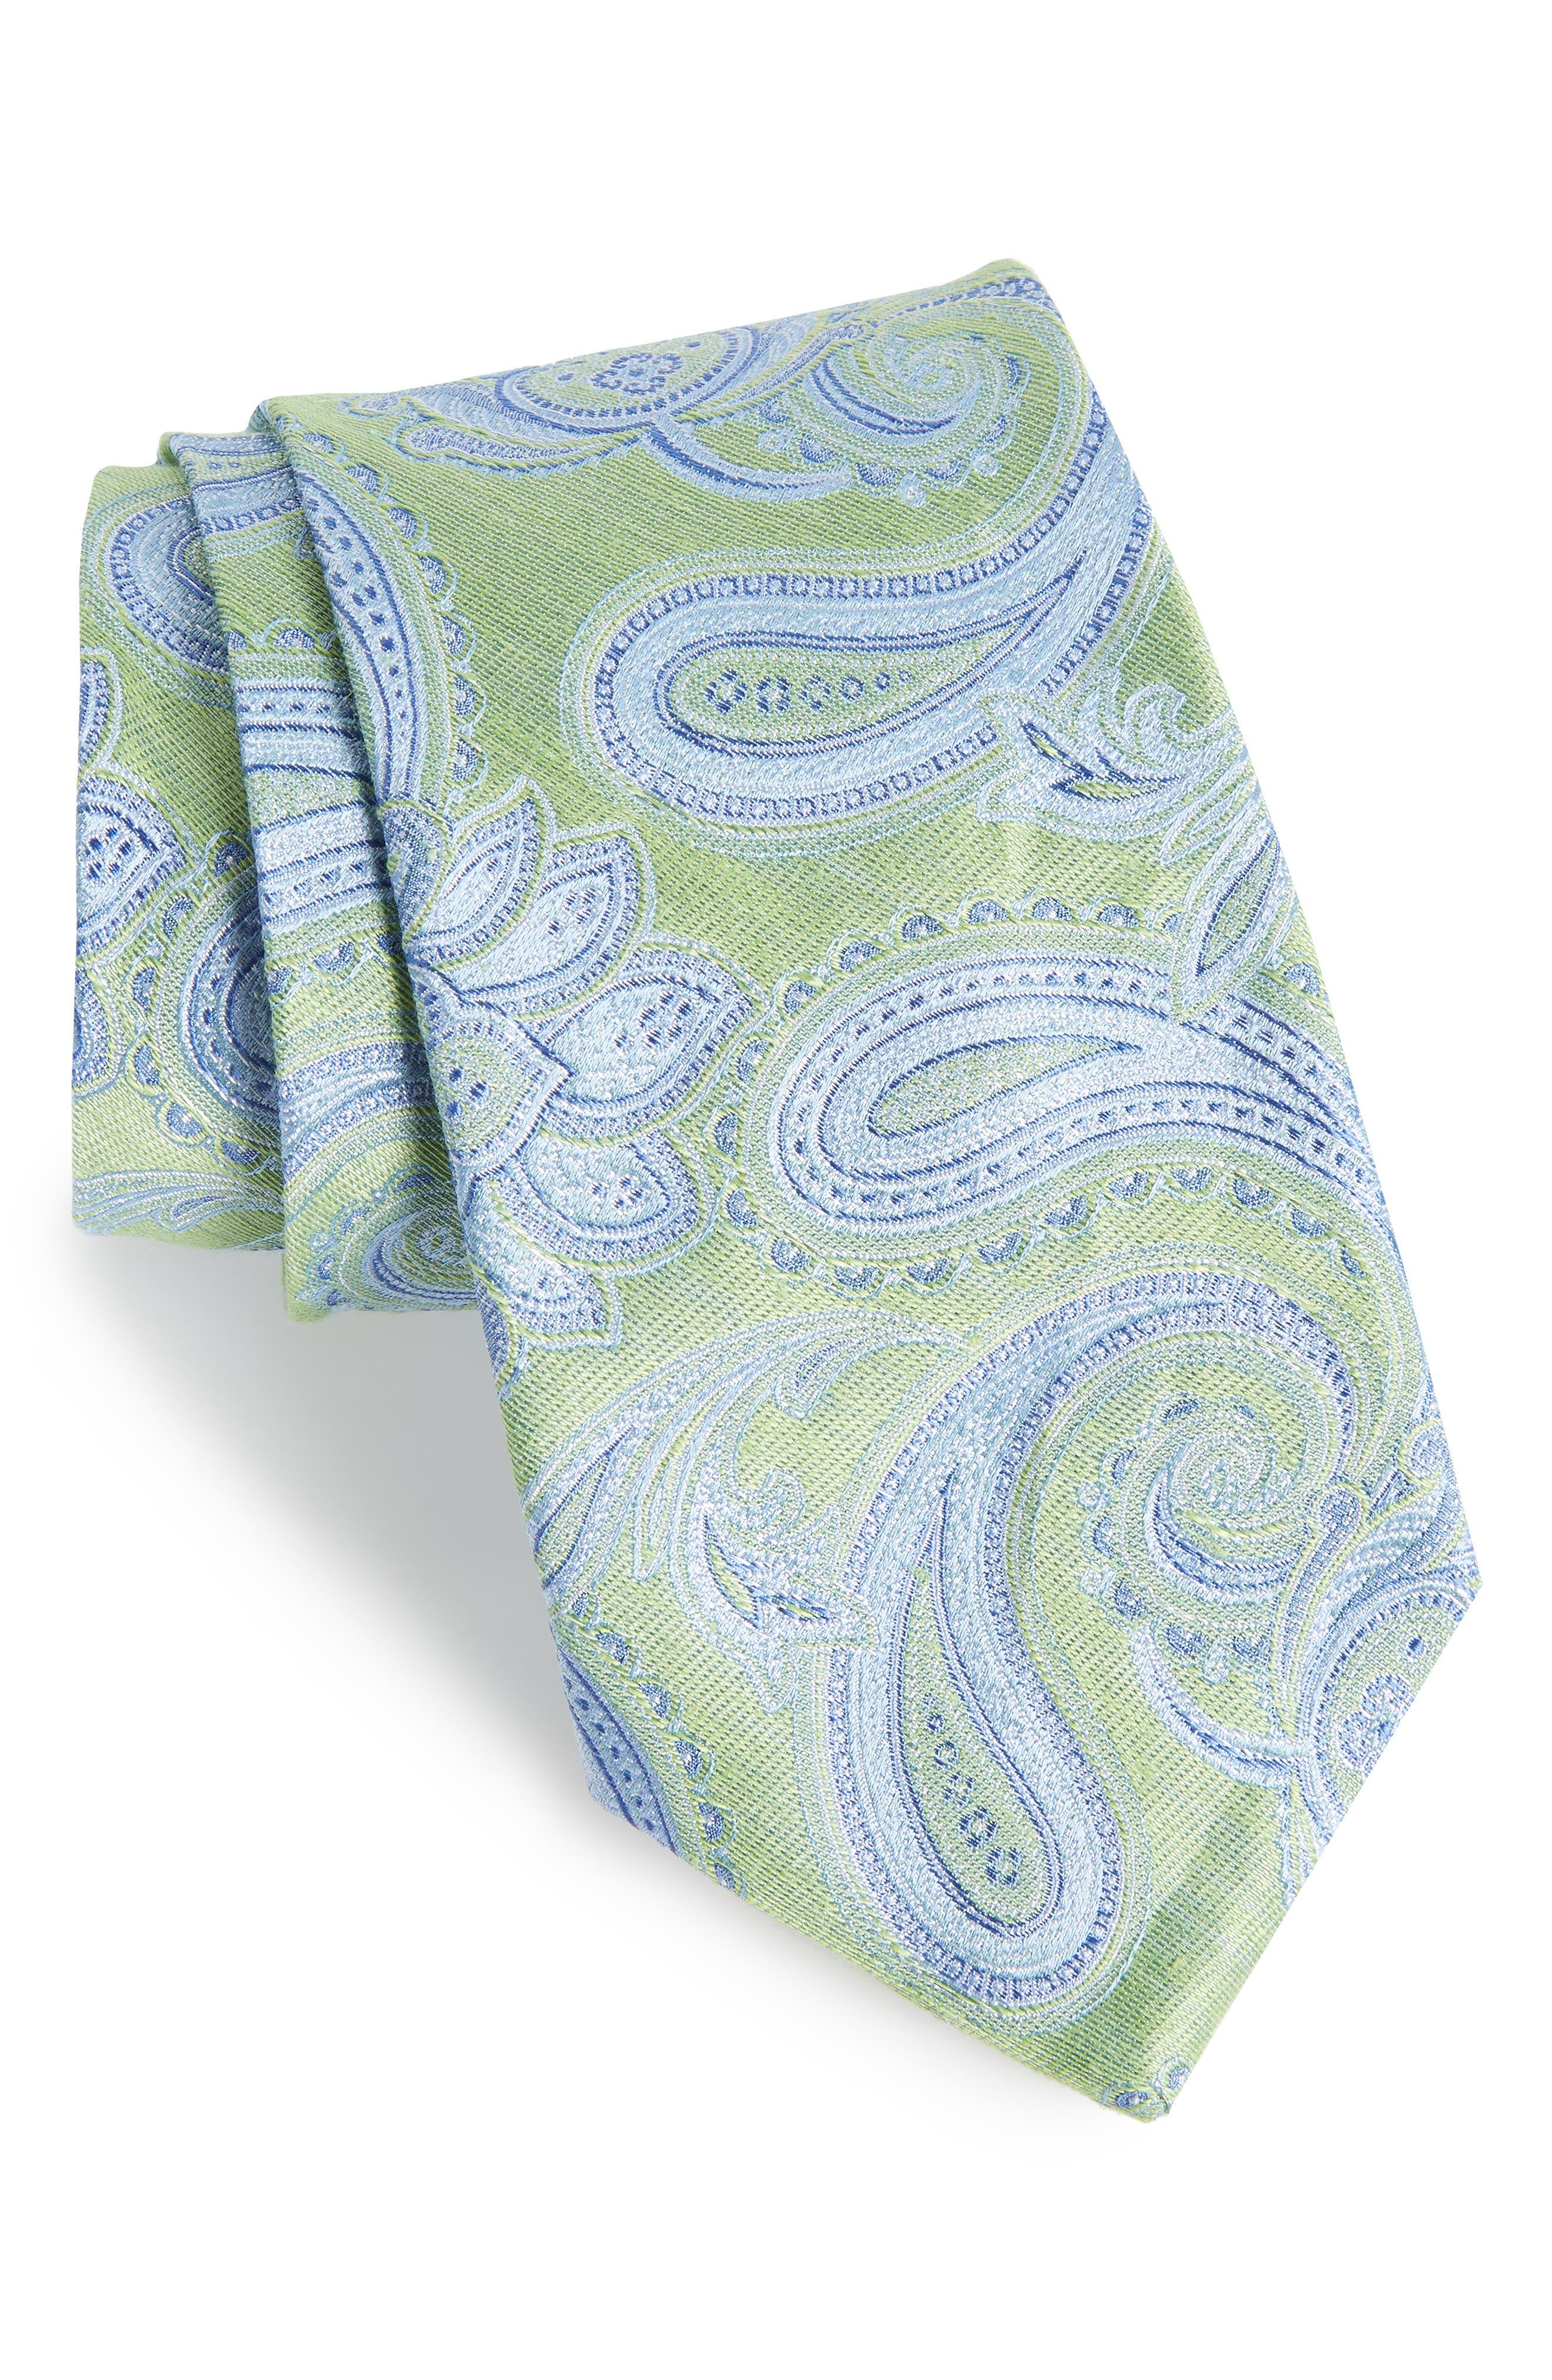 Anrigo Pailsey Silk & Linen Tie,                             Main thumbnail 1, color,                             GREEN